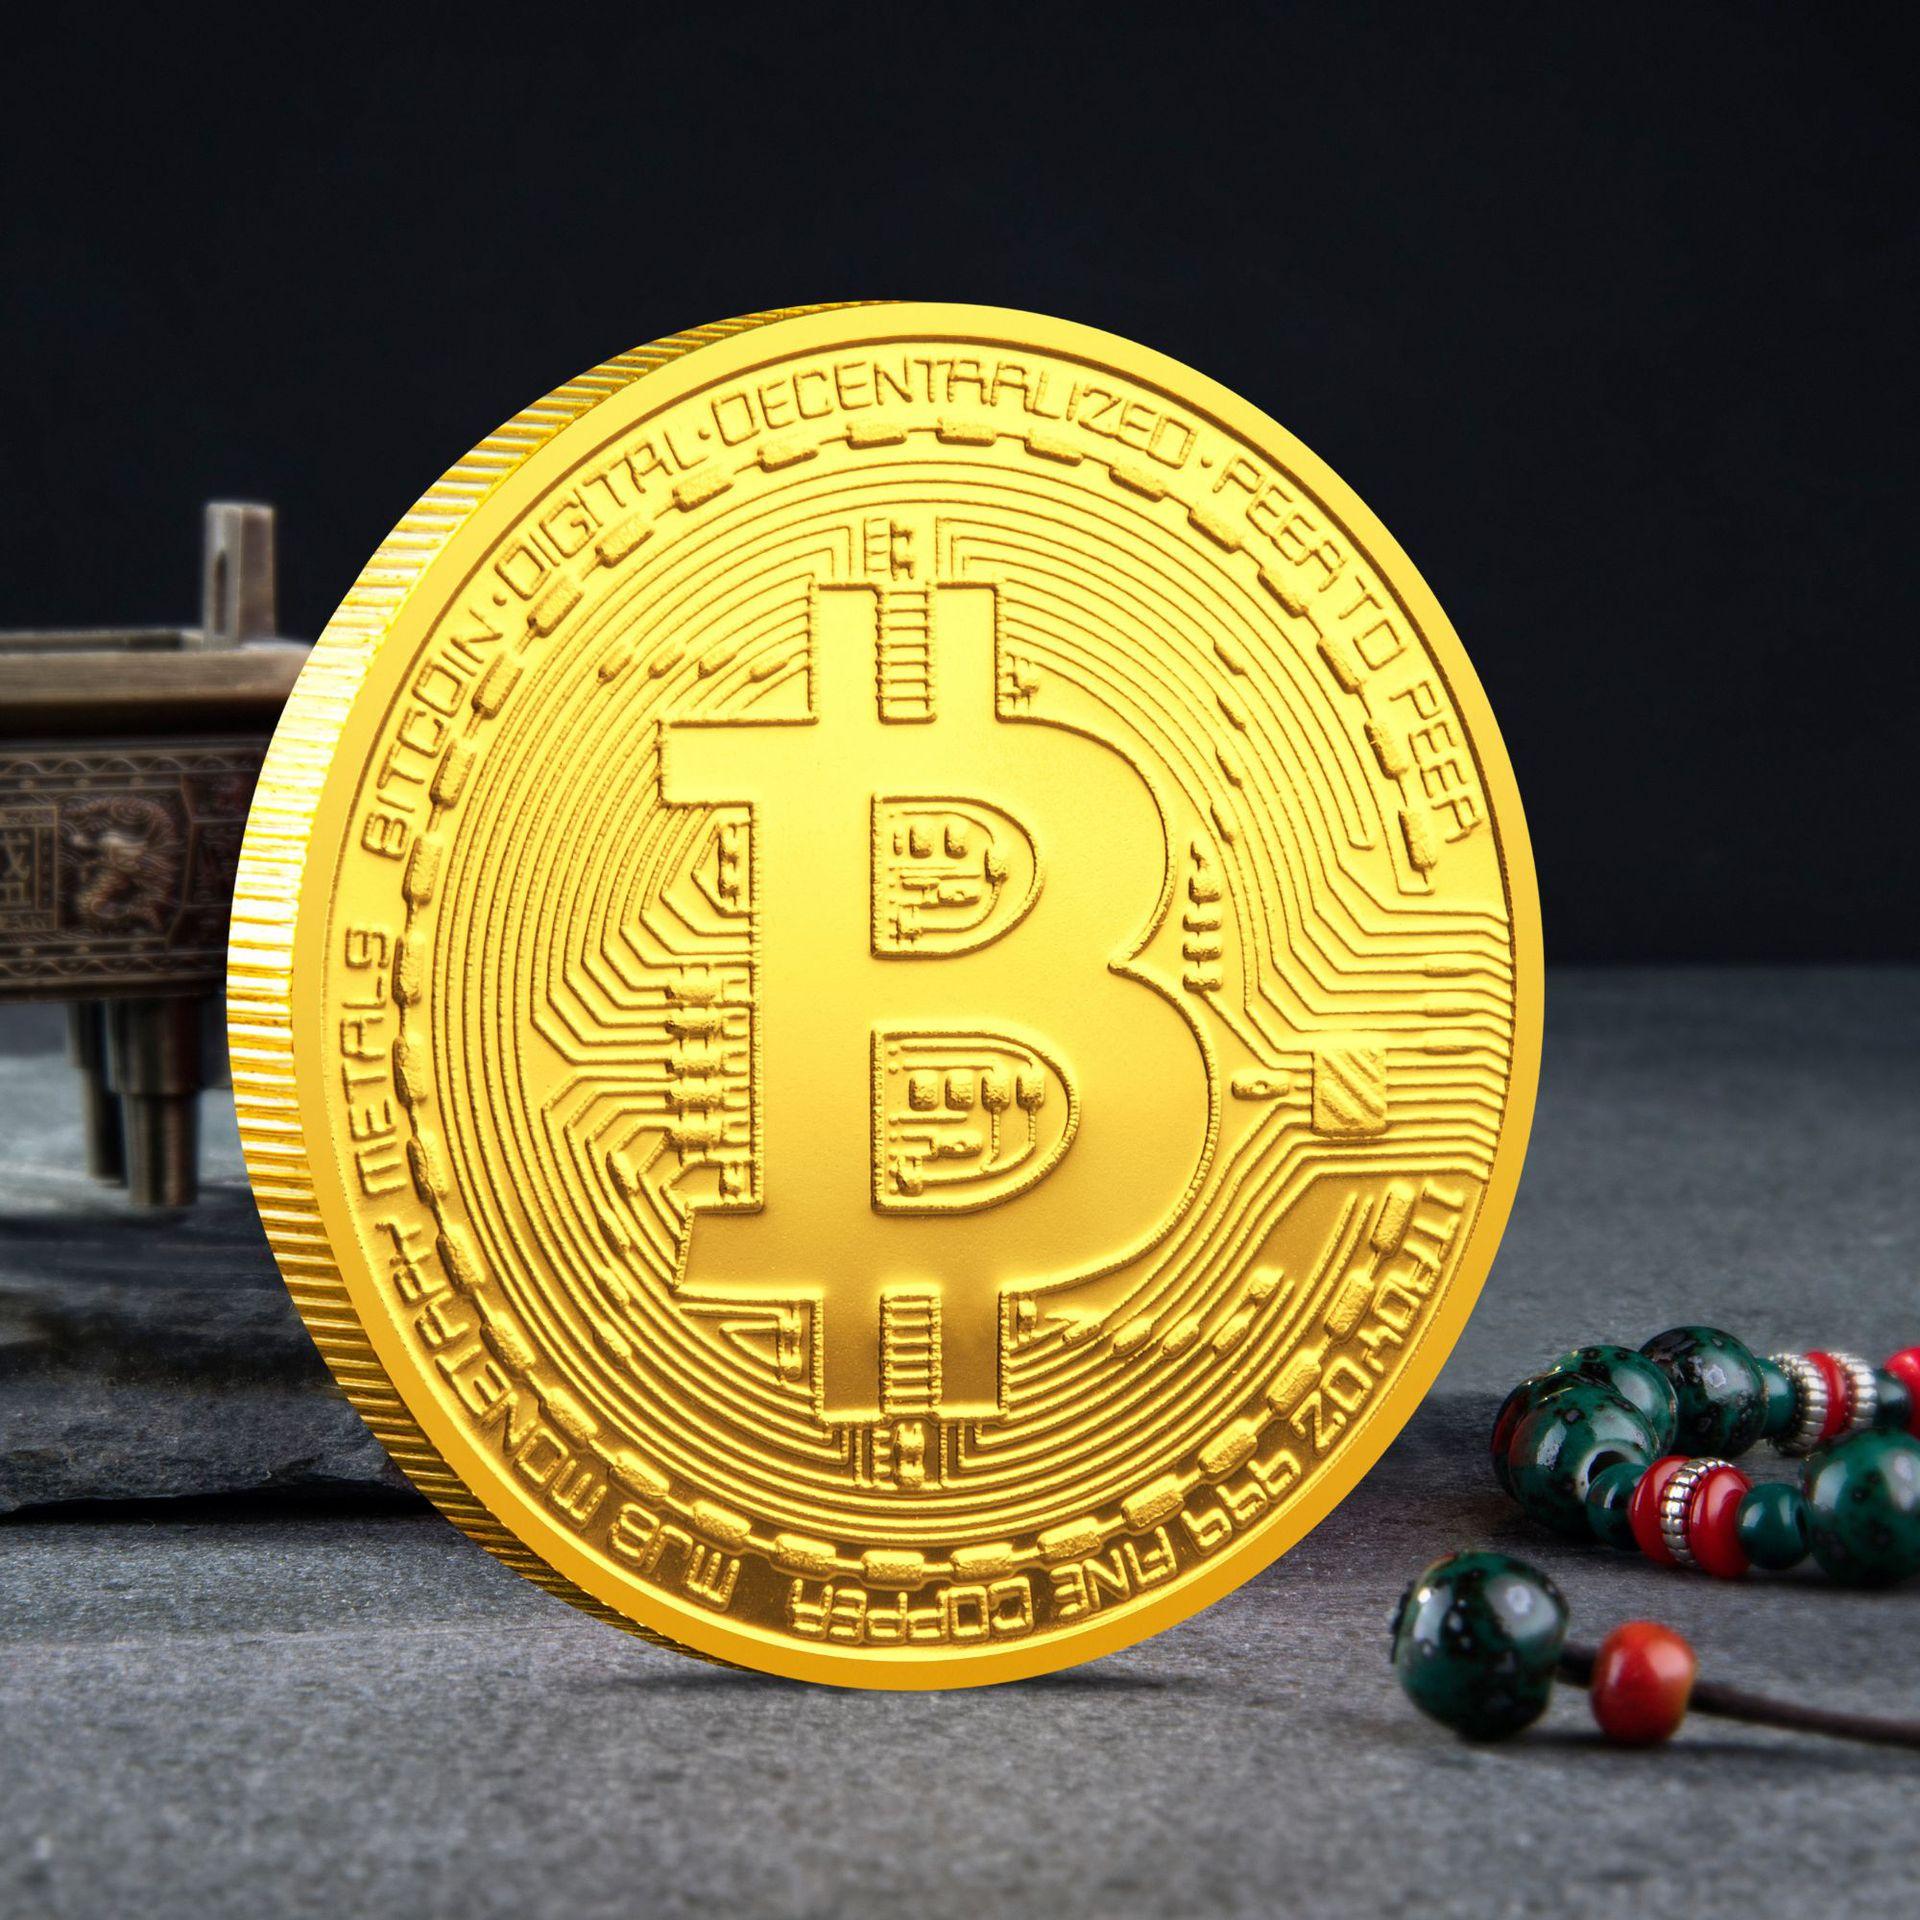 Bitcoin Souvenir Coin Gold Plated Commemorative Coin Collectible Gift Faith In Bitcoin Physical Collection Art 1PCS Bitcoin